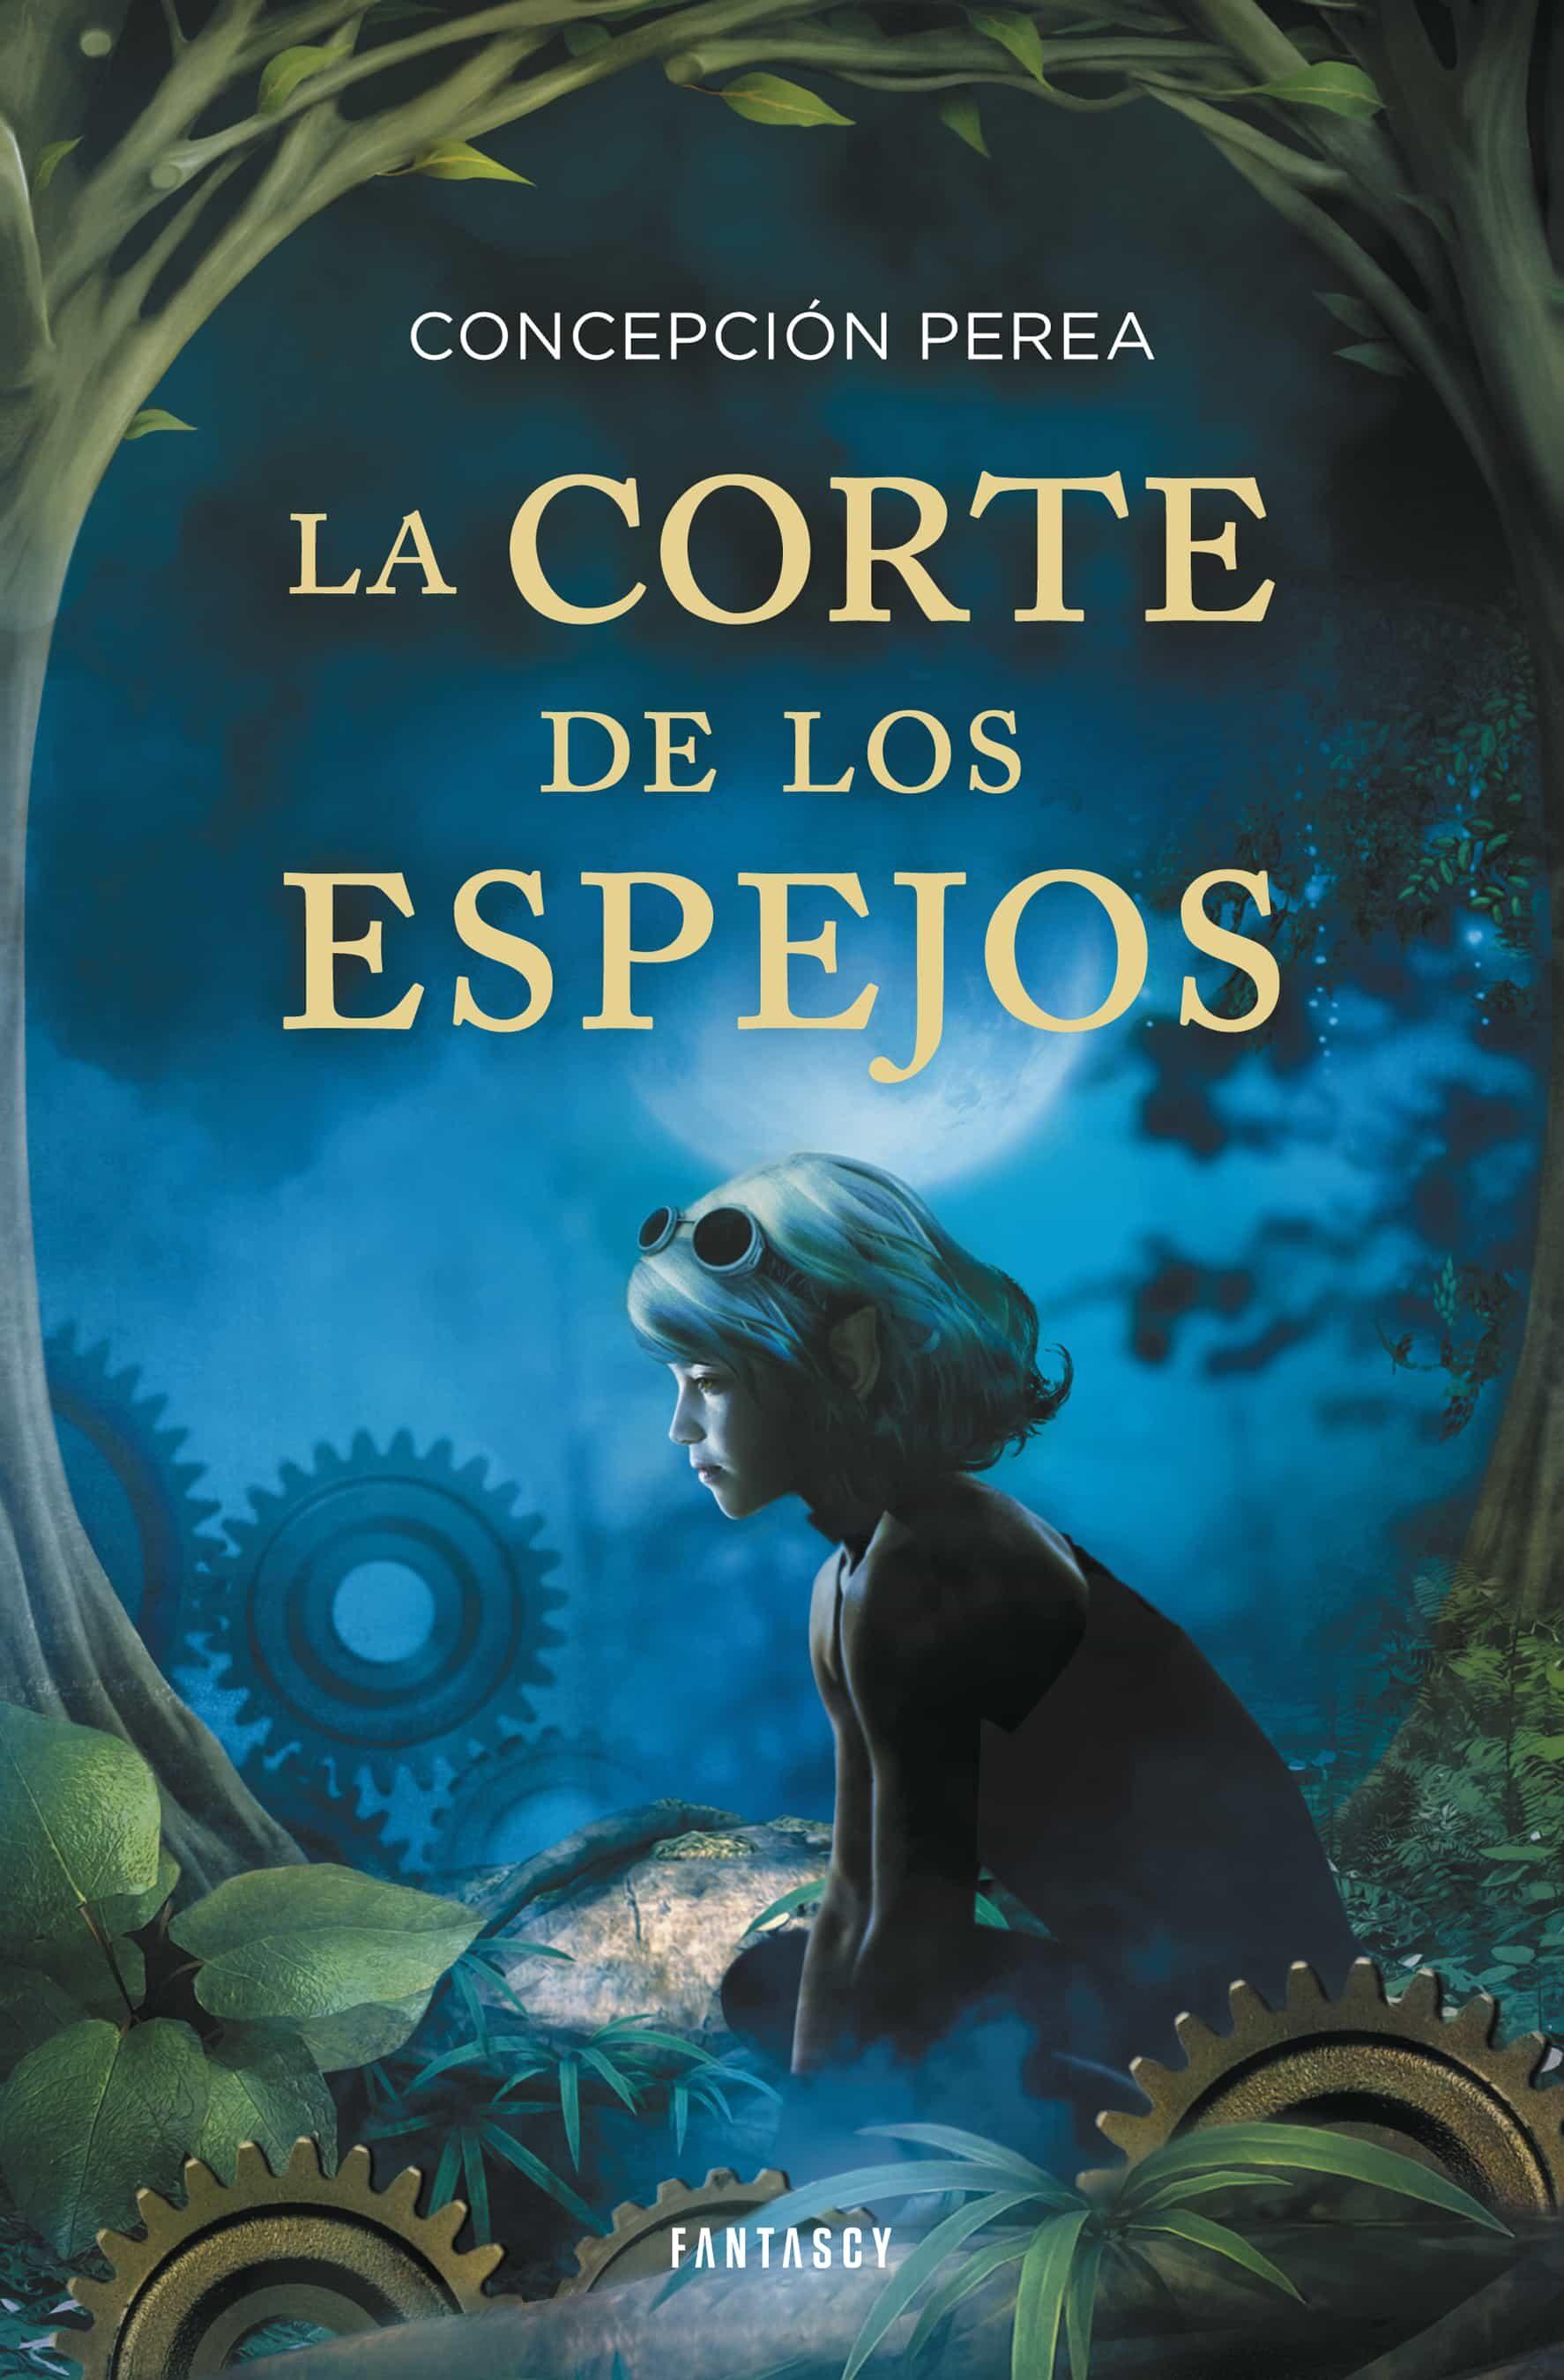 Resultado de imagen de La corte de los espejos, de Concepción Perea